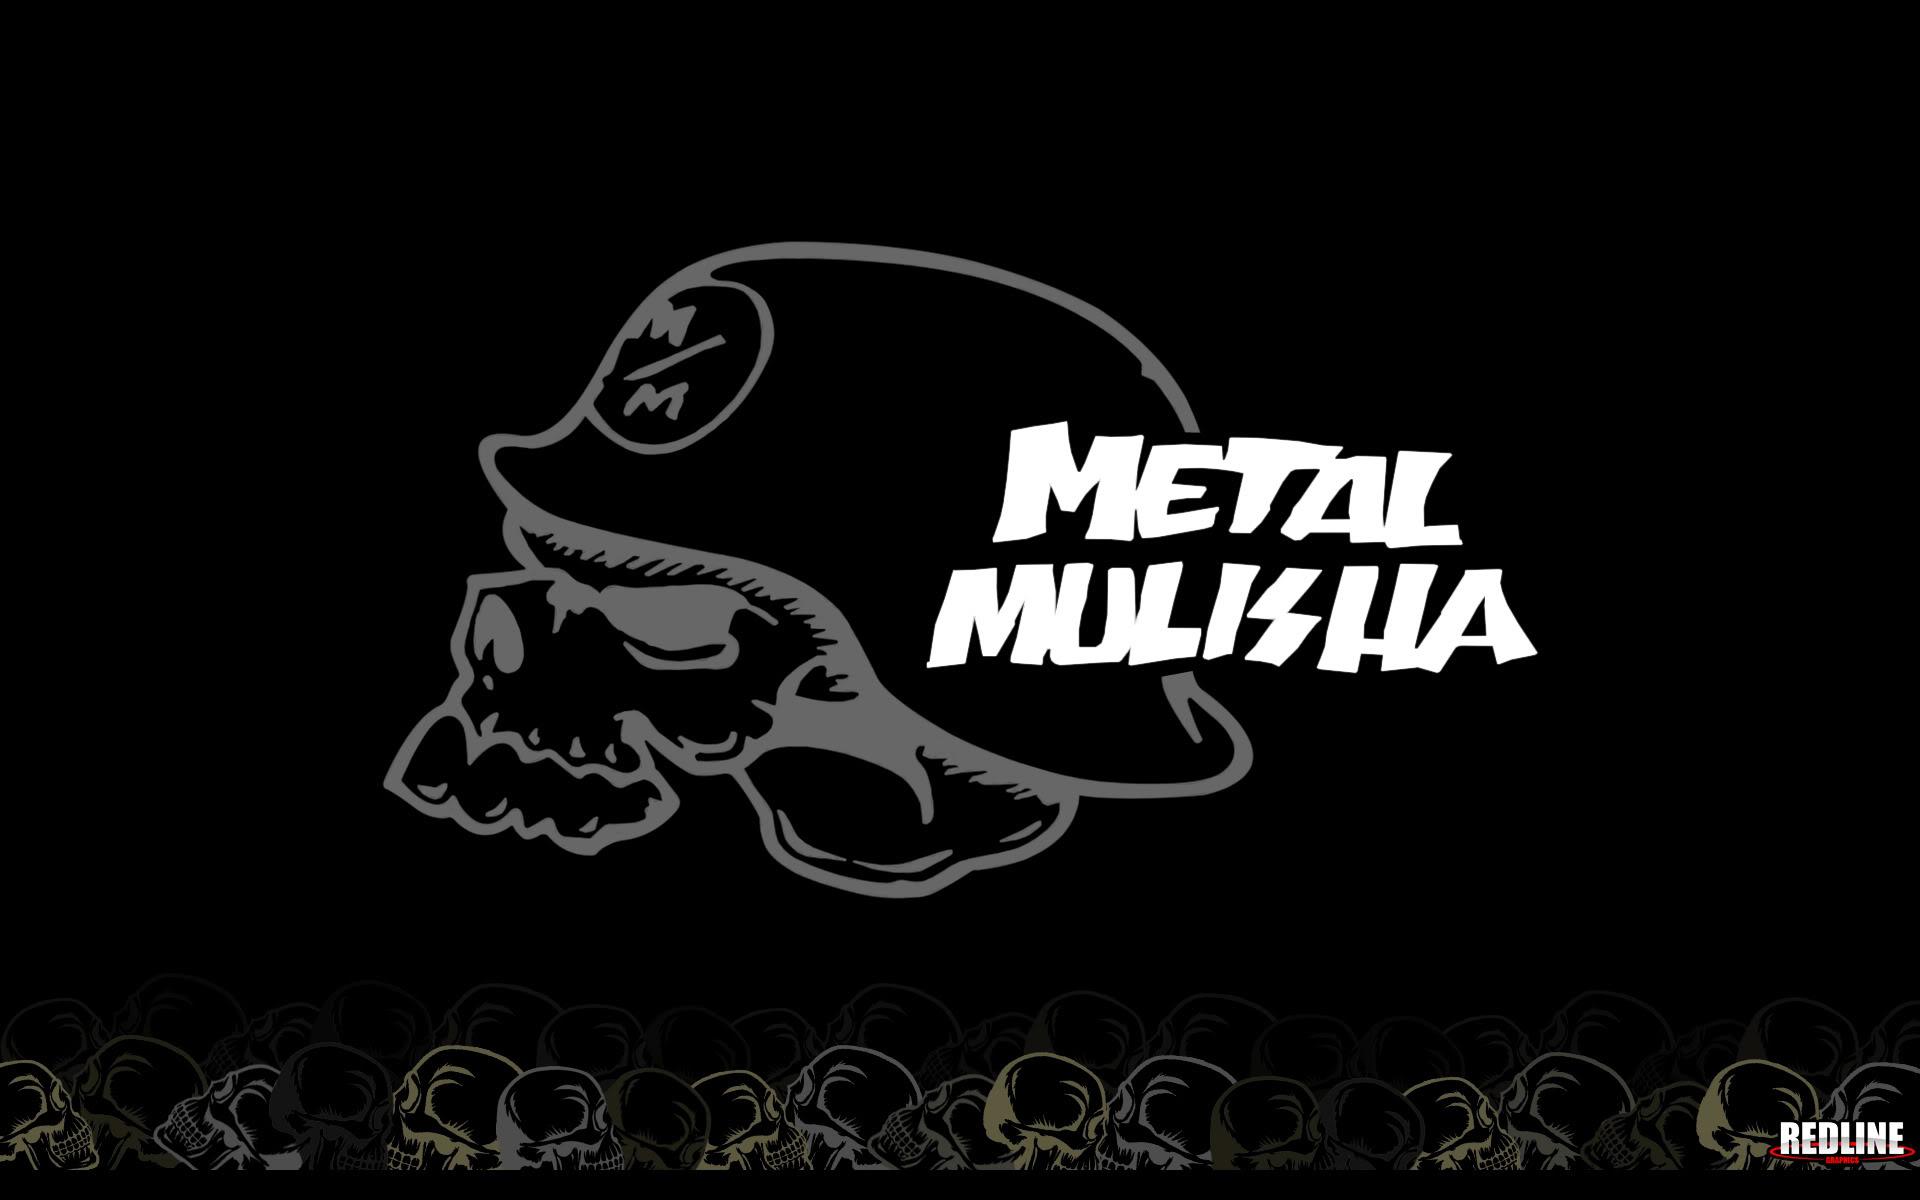 Metal Mulisha Wallpapers Group (39+)